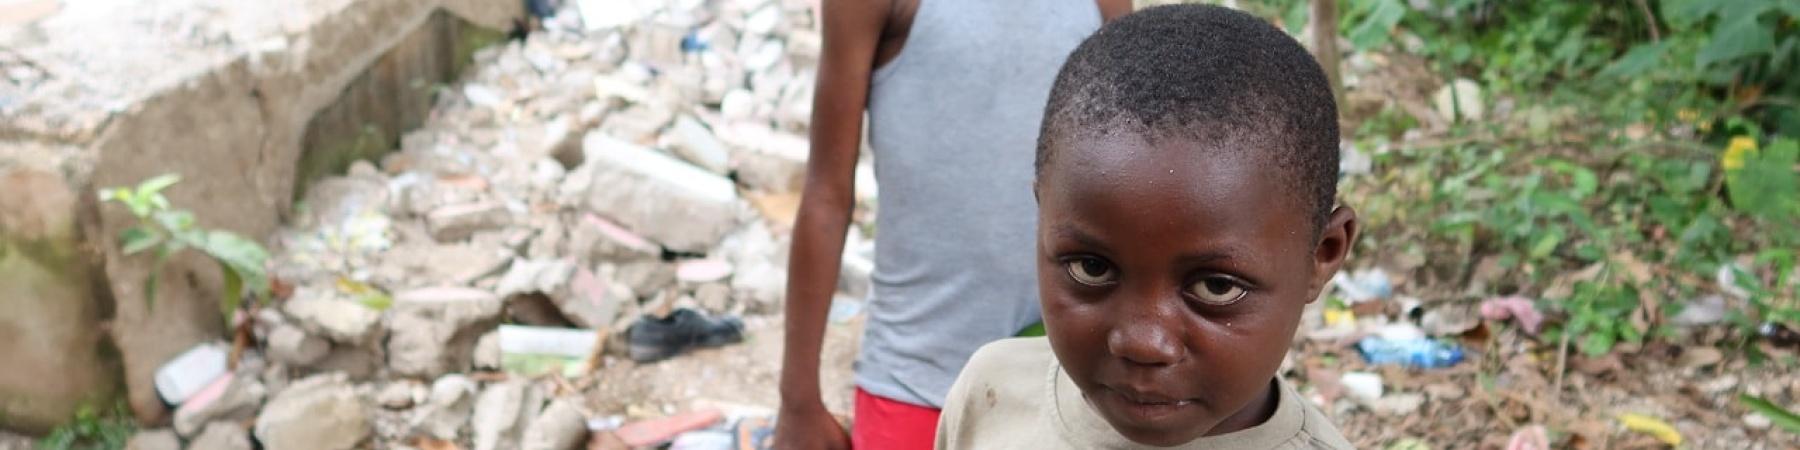 2 bambini vicino alle macerie del terremoto di Haiti in agosto 2021